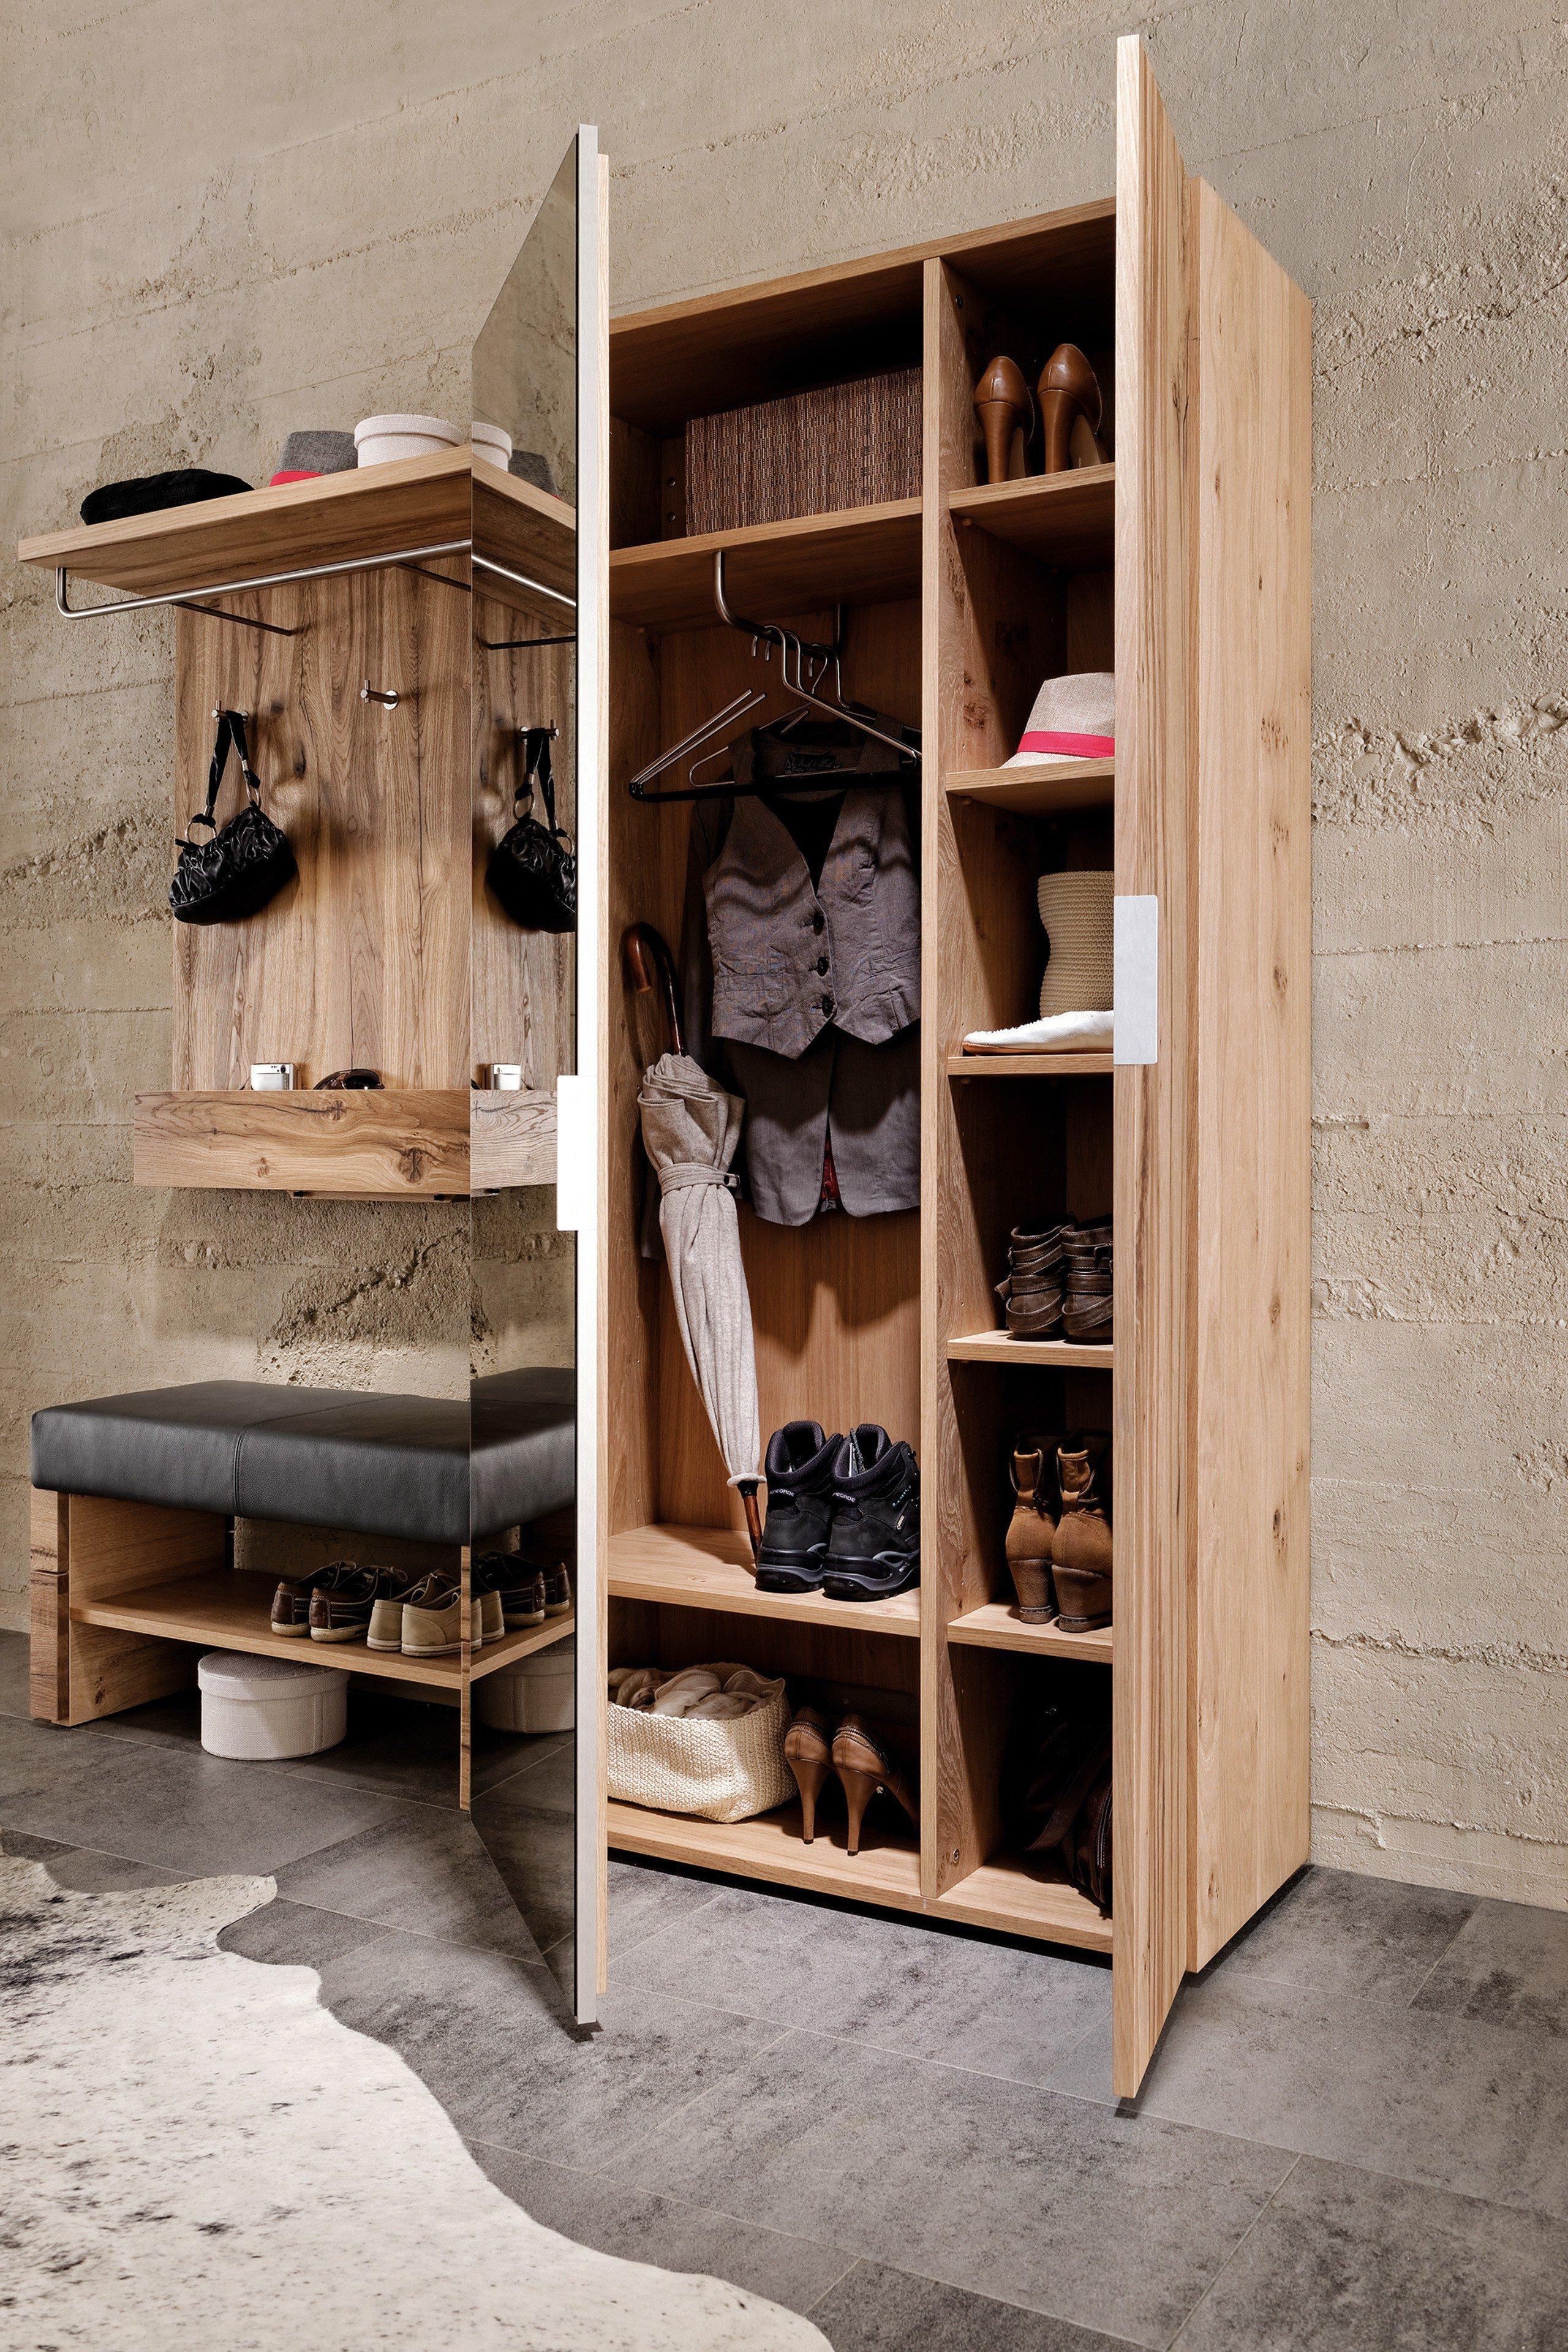 garderobe v alpin viento in altholz mit sitzbank von voglauer m bel letz ihr online shop. Black Bedroom Furniture Sets. Home Design Ideas